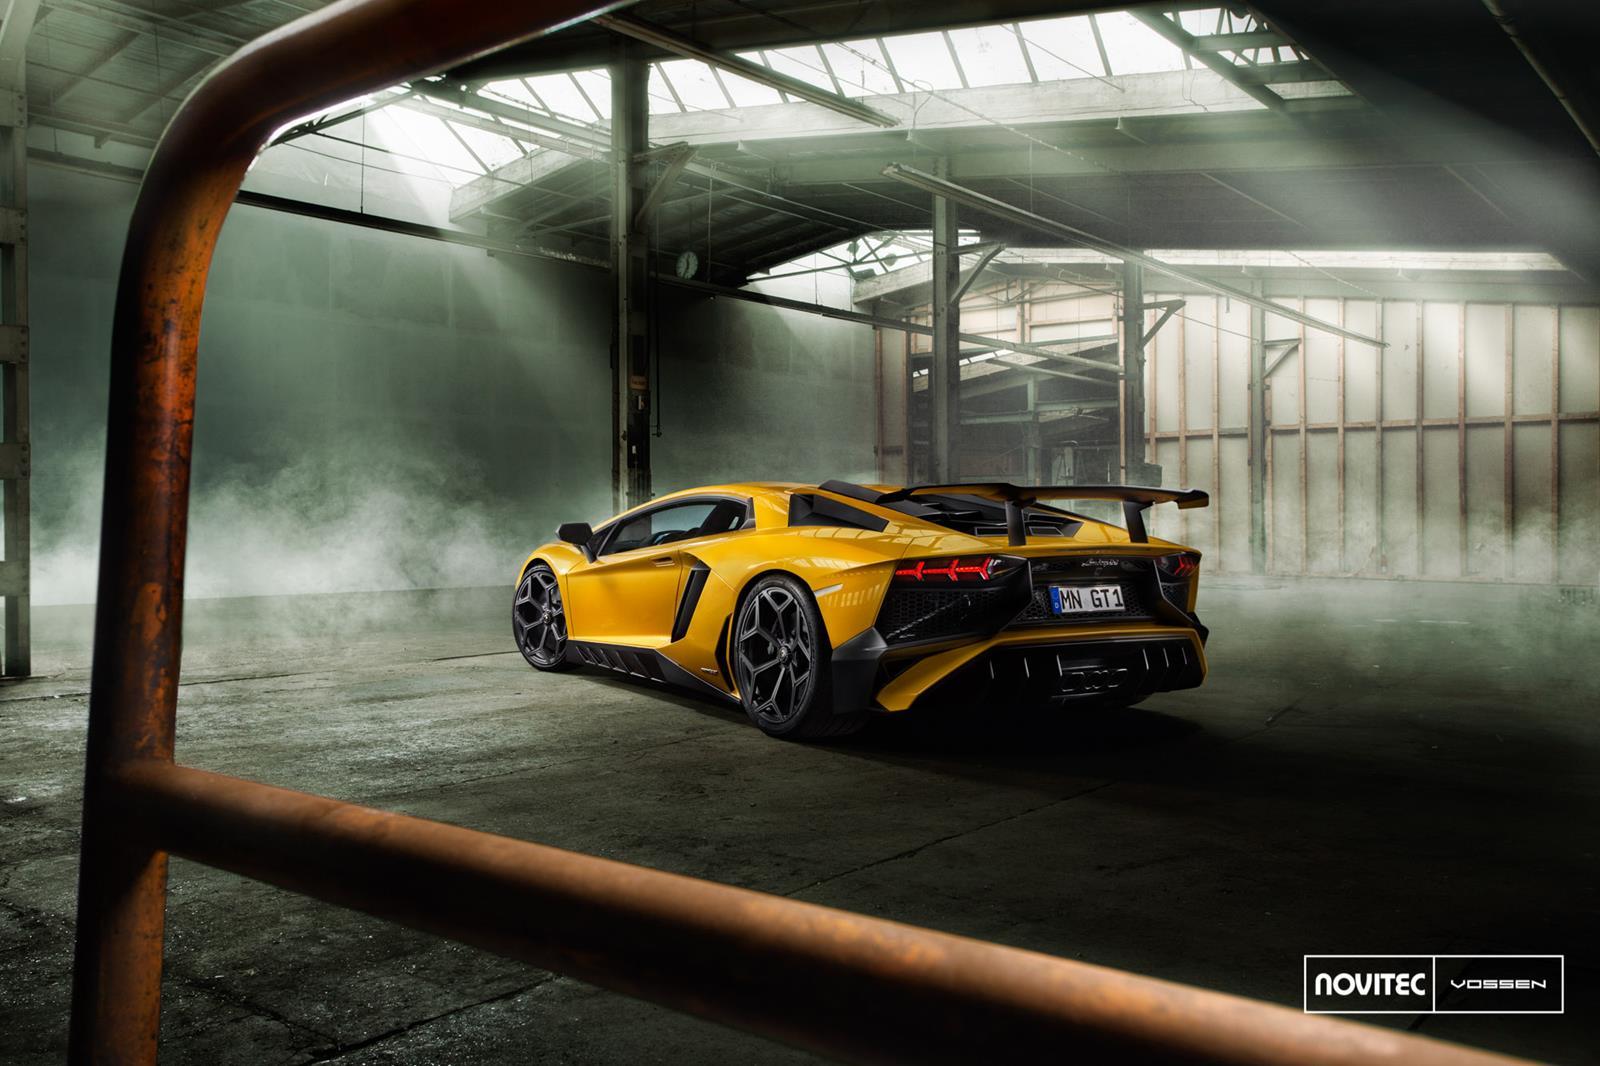 Lamborghini_Aventador SV_NV1_5ccf348c.jpg